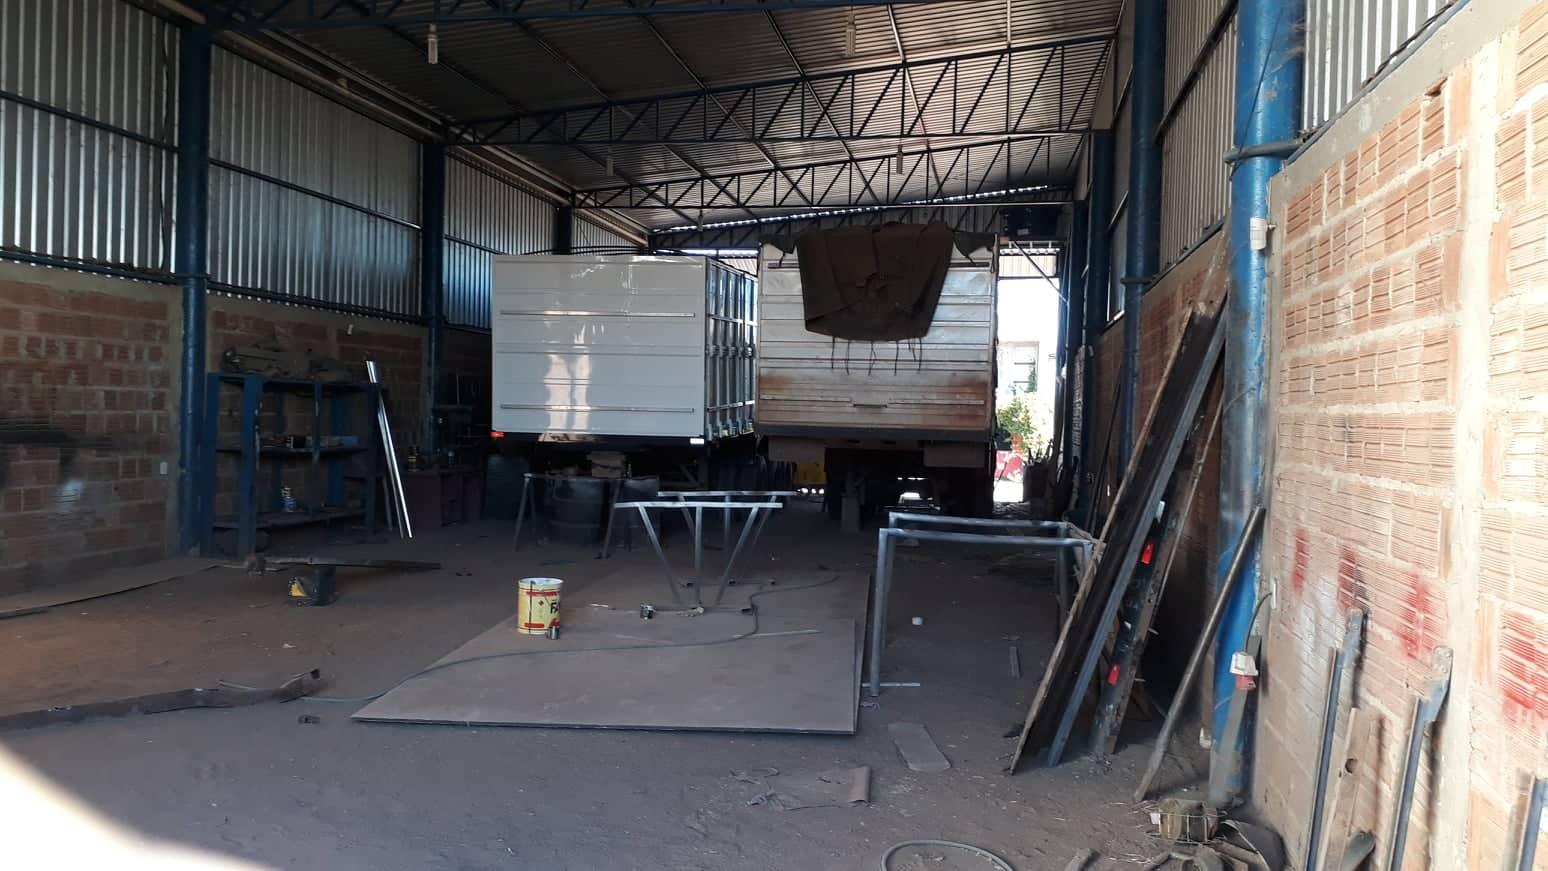 19-6-2019-carrosserie-werkplaats-alles-open-en-bloot-met-een-geweldige-nieuwe-richtbank--2